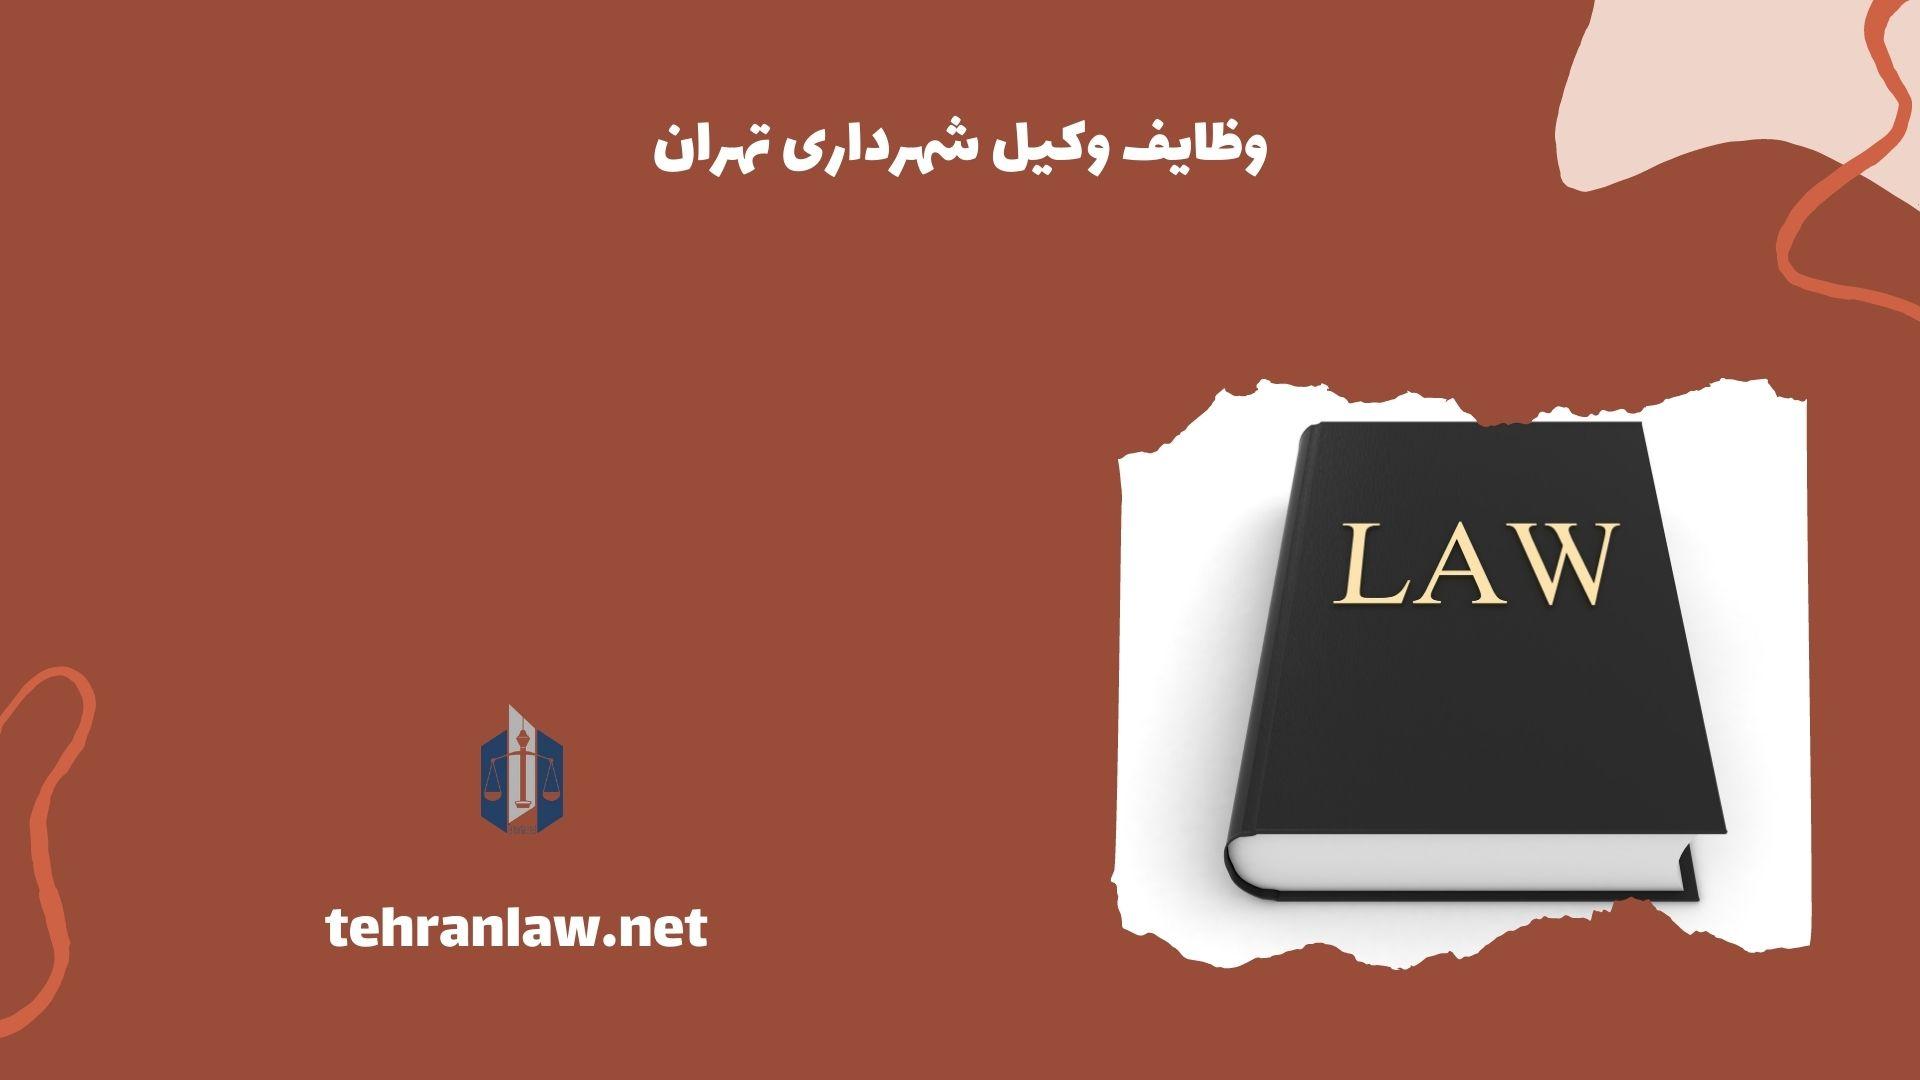 وظایف وکیل شهرداری تهران